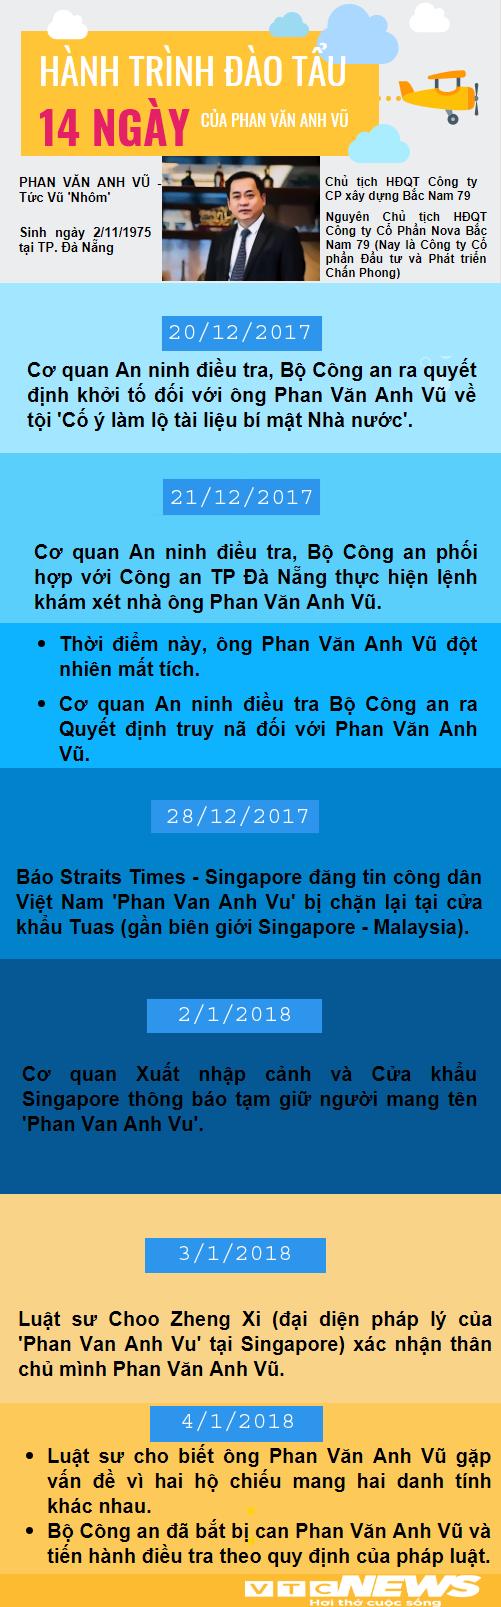 Infographics: Hanh trinh 14 ngay tron chay cua Vu 'nhom' hinh anh 1